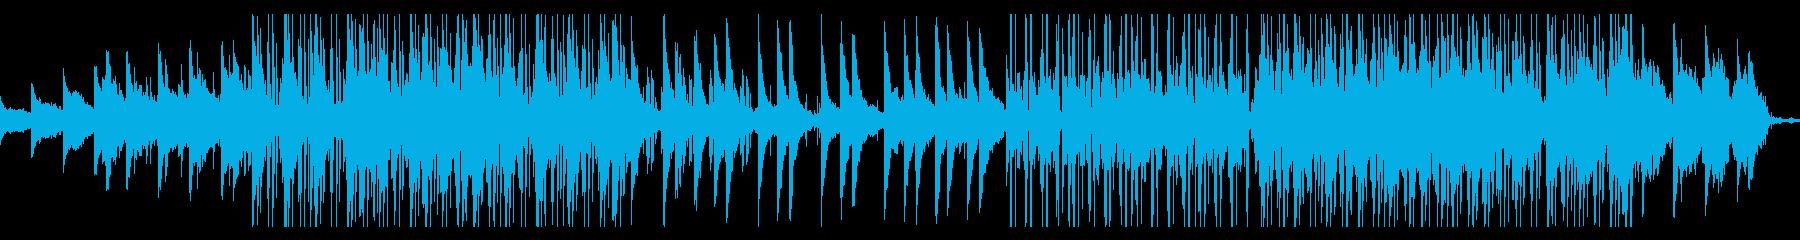 癒し・切ない系ローファイ/Youtubeの再生済みの波形